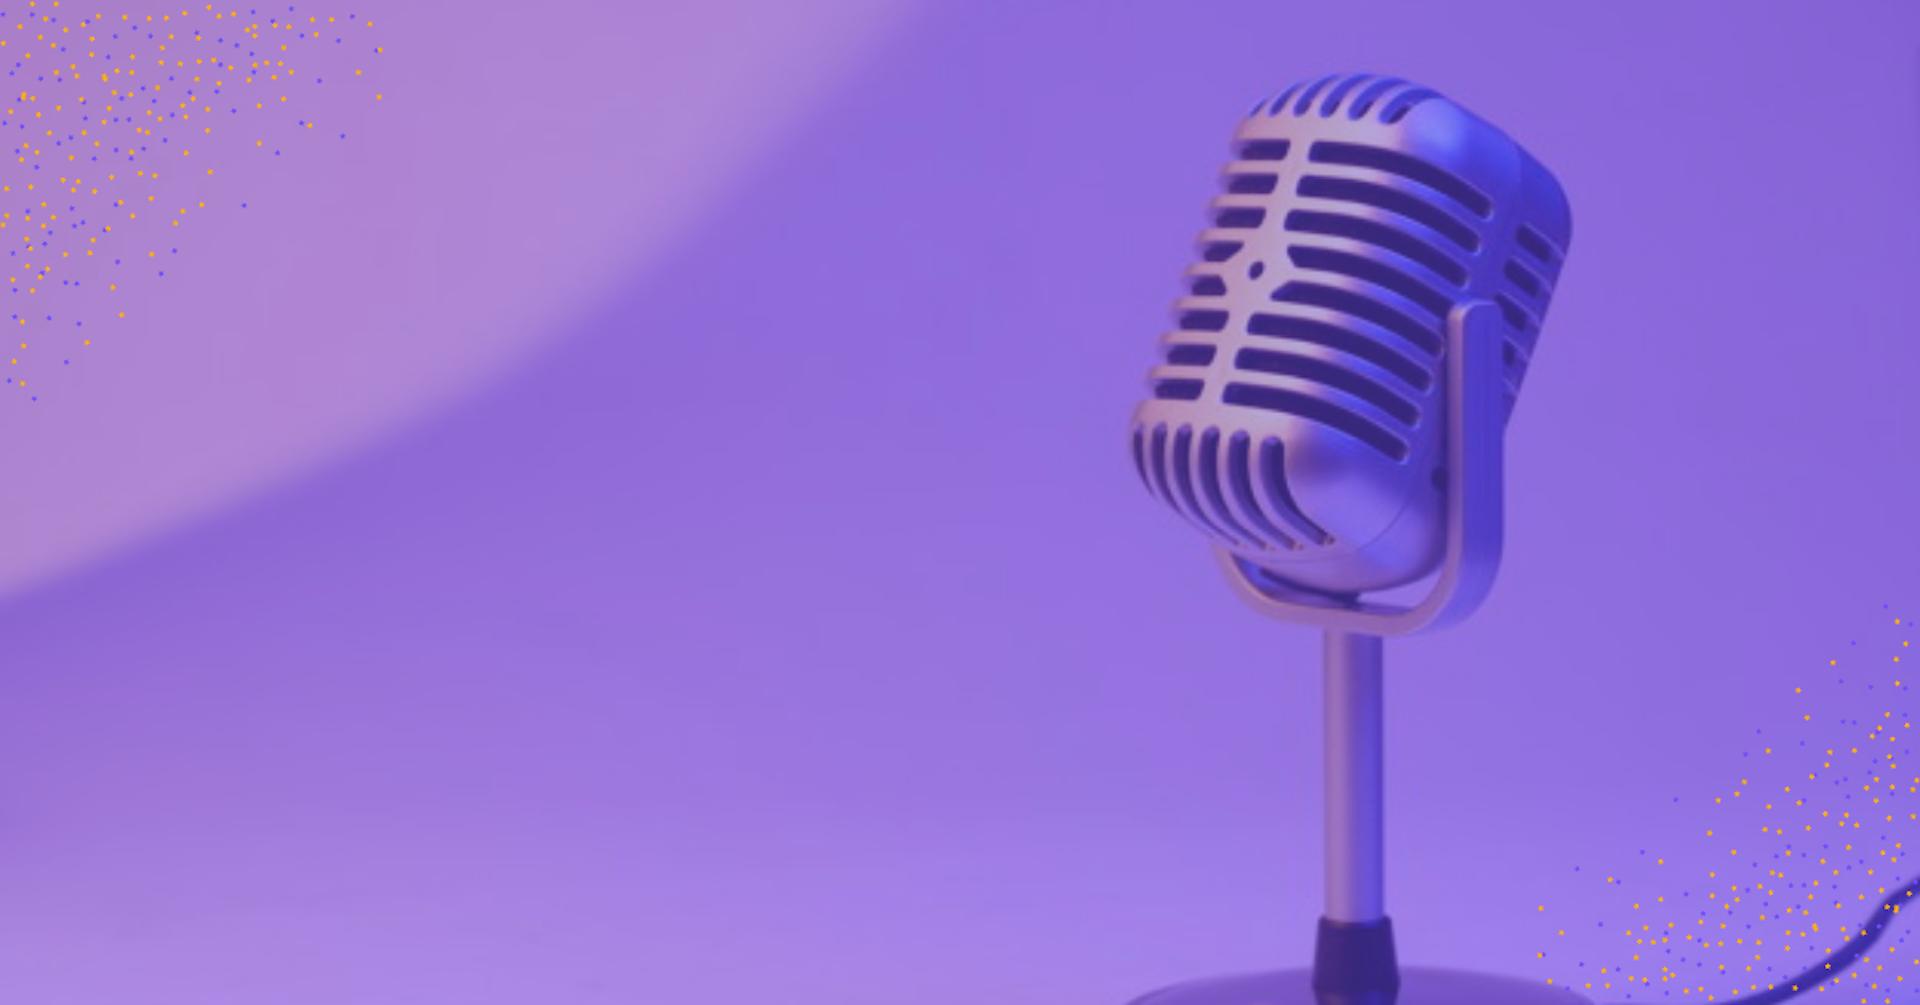 Micrófonos para grabar: 3 claves para elegir los mejores